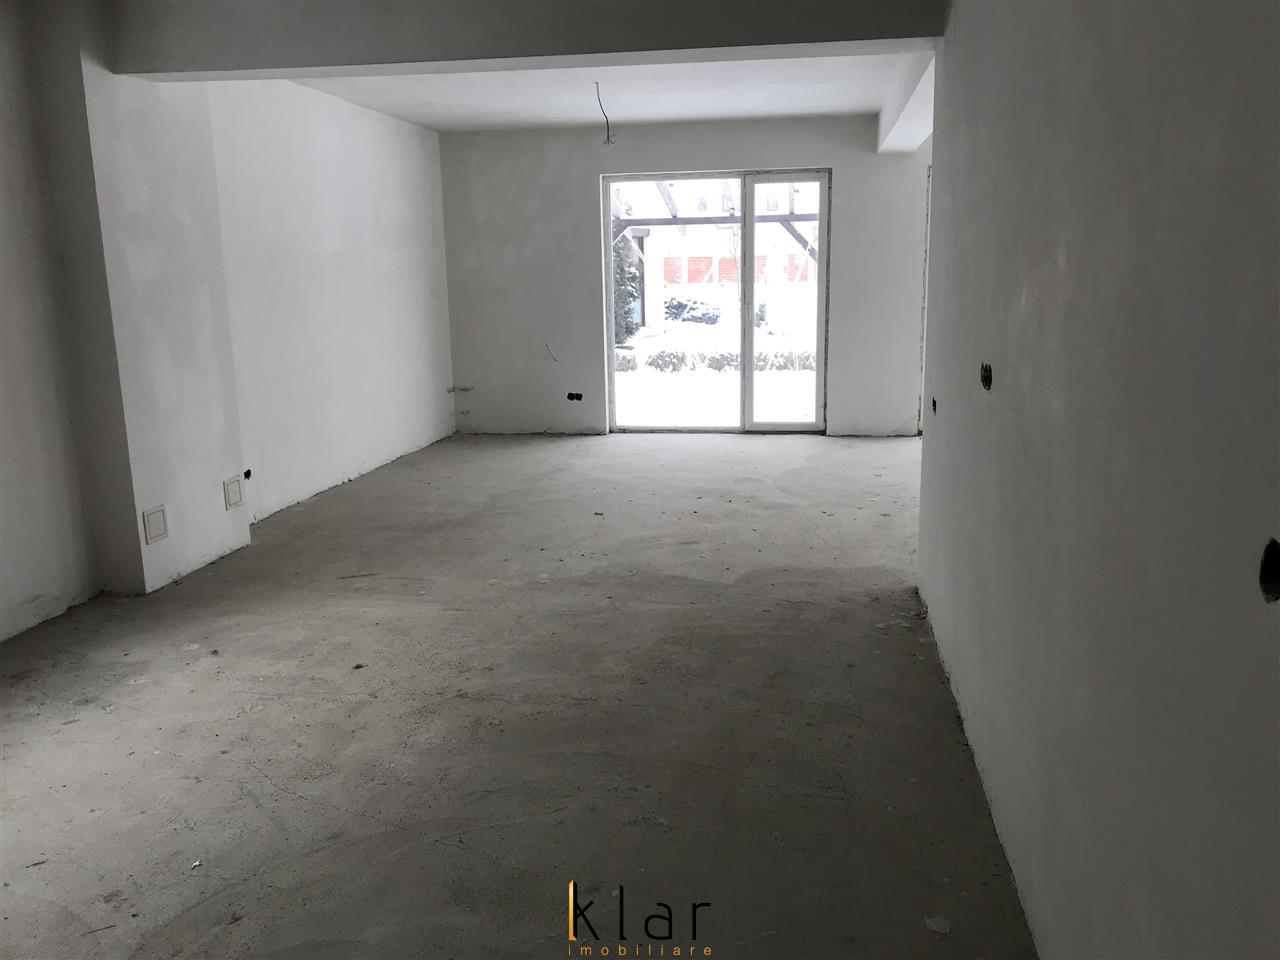 Casa noua  intrun ansamblu  rezidențial  cu acces controlat